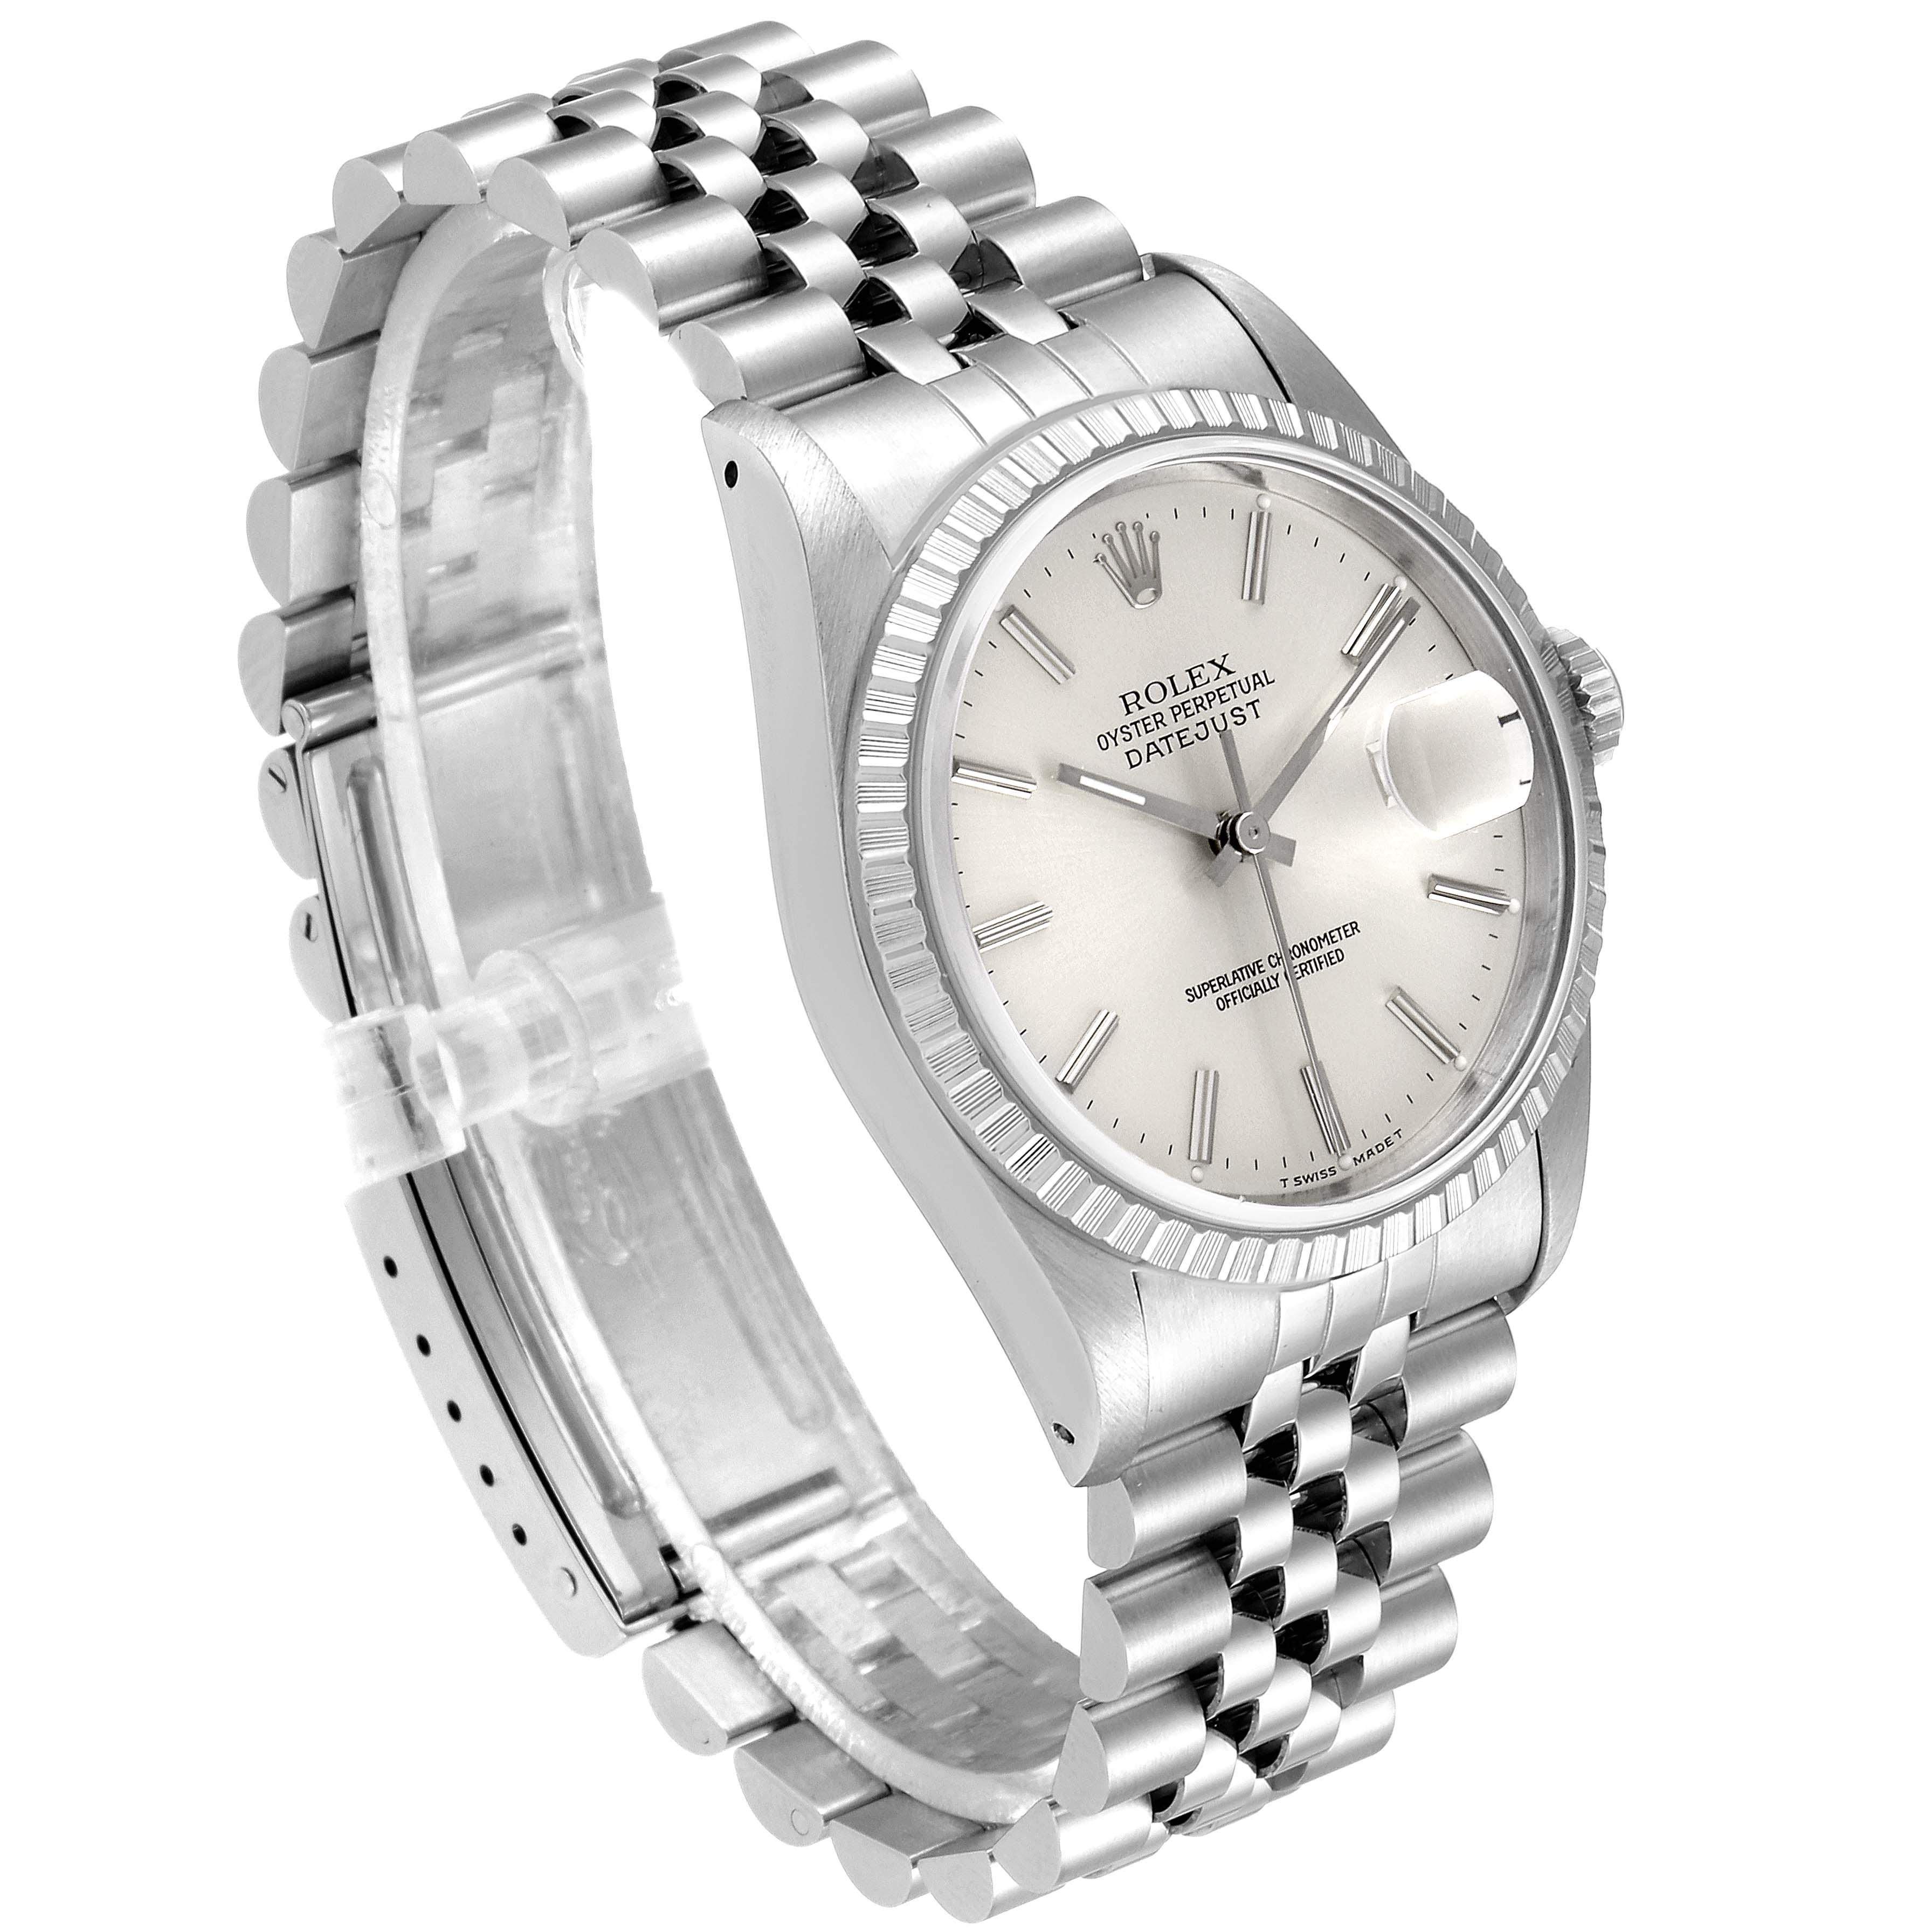 Rolex Datejust Silver Dial Jubilee Bracelet Steel Mens Watch 16220 SwissWatchExpo